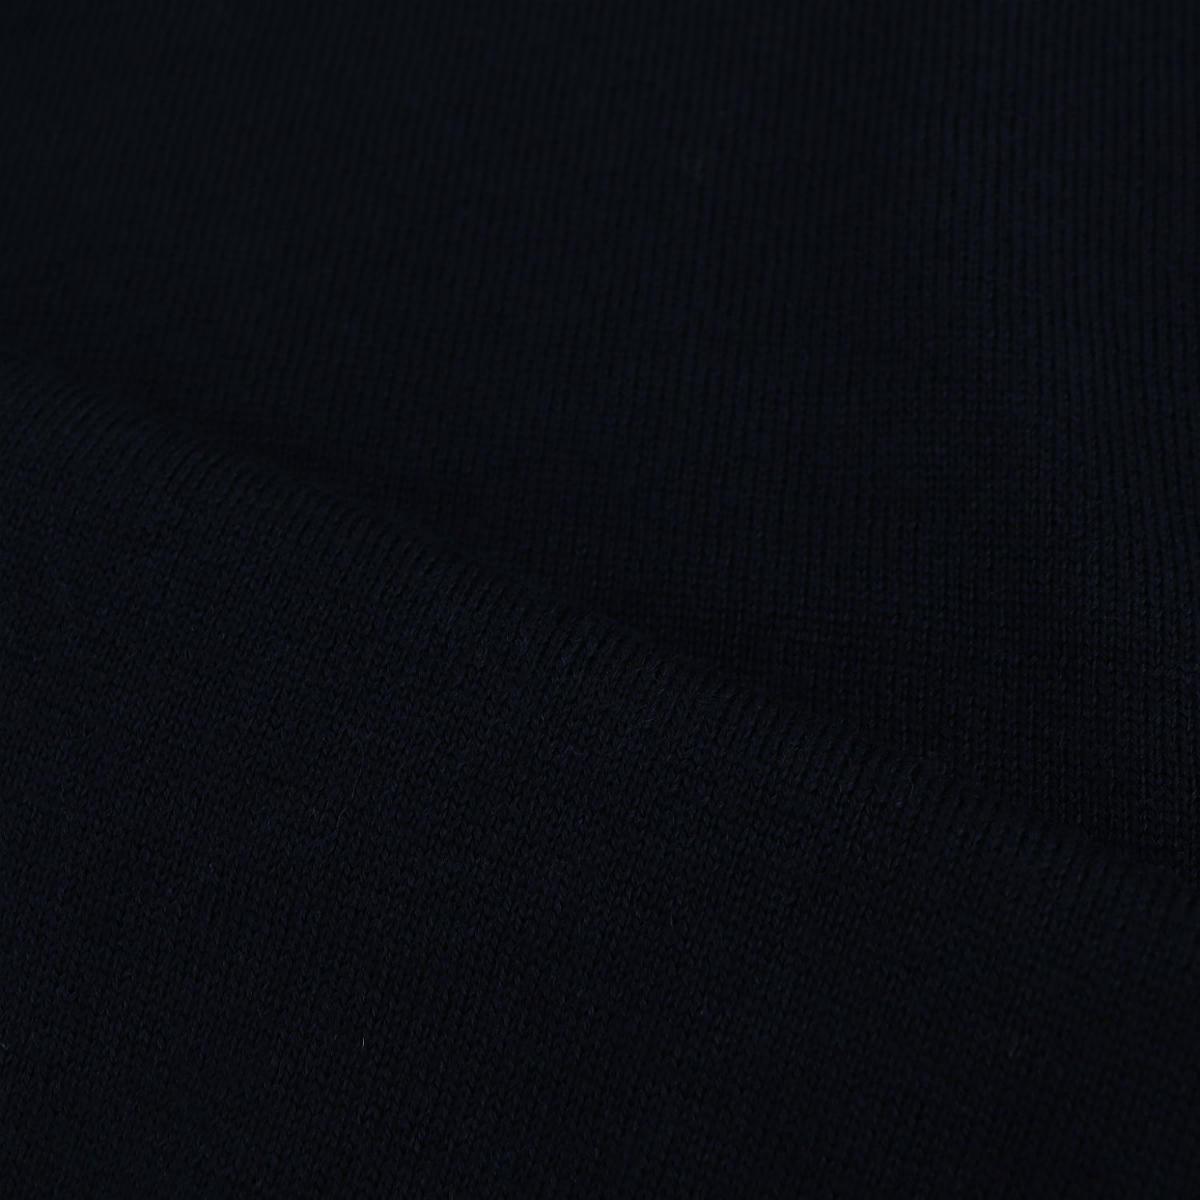 スウィープ ロサンゼルス SWEEP!! LosAngeles メンズ ウール タートルネックセーター 7G SL190001 NAVY (ネイビー) 秋冬新作